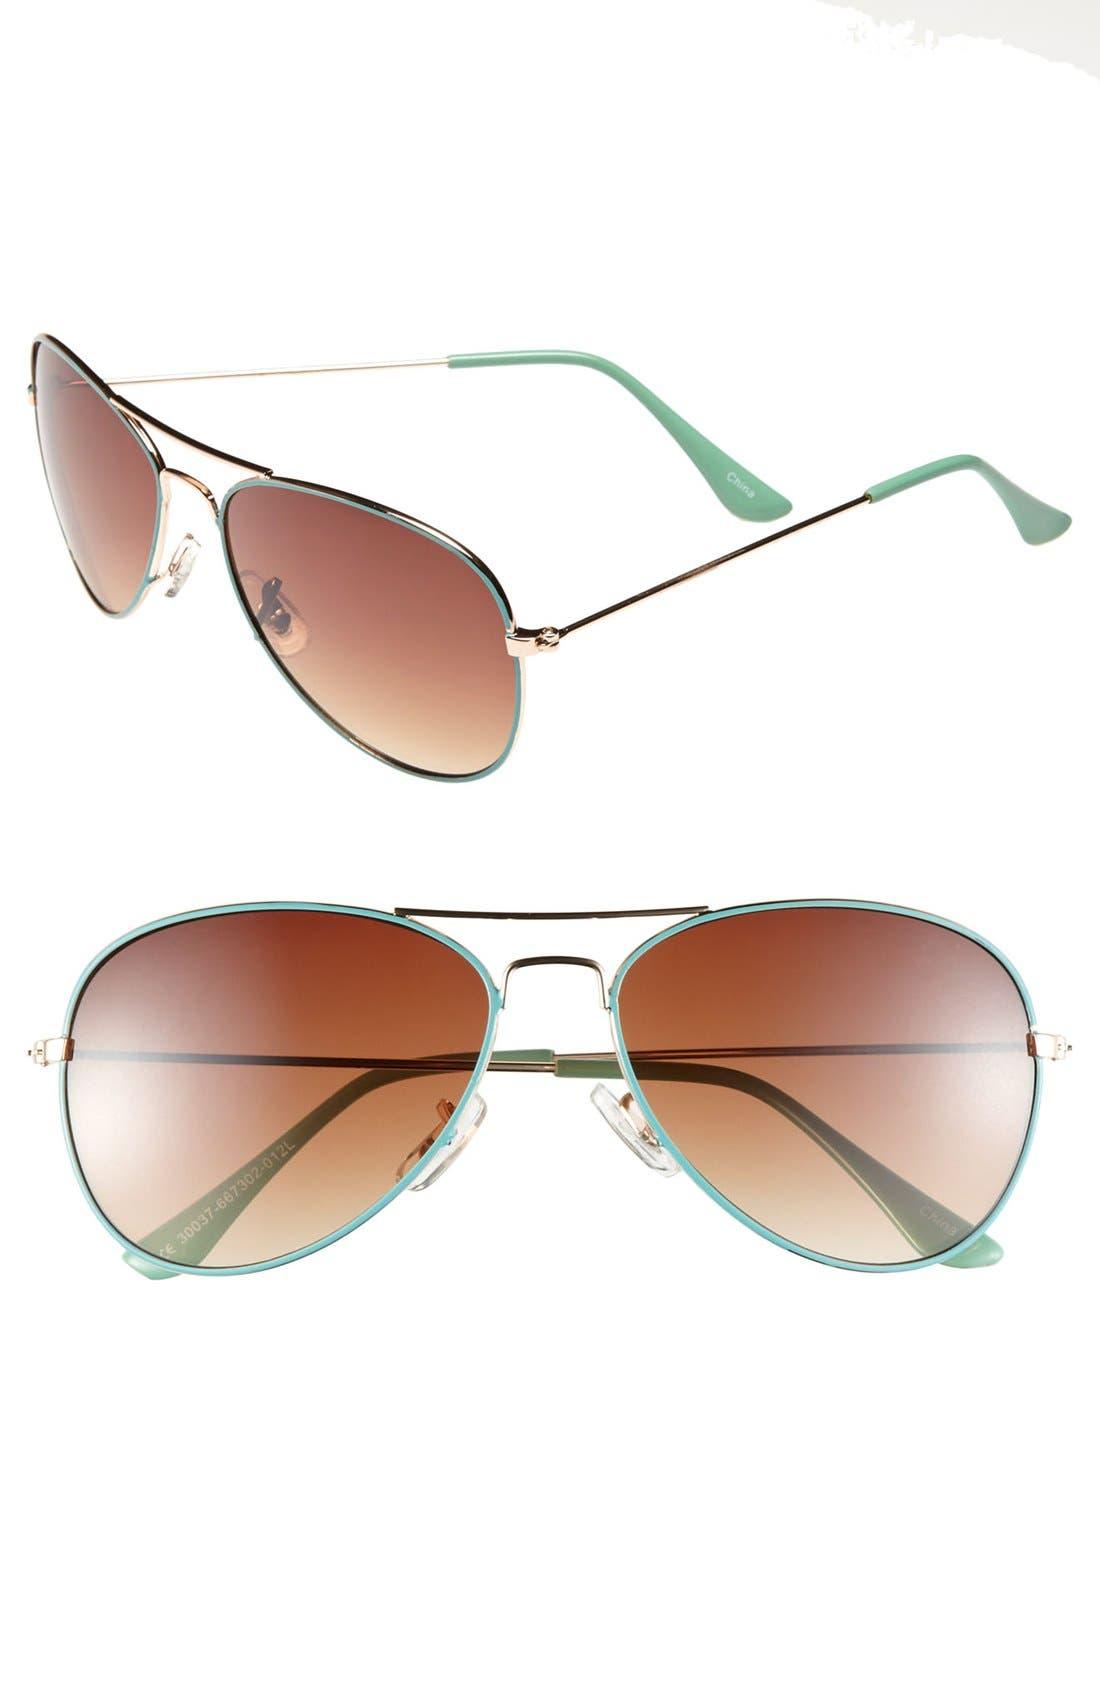 Main Image - Icon Eyewear 'Helen' 56mm Aviator Sunglasses (Juniors) (2 for $20)